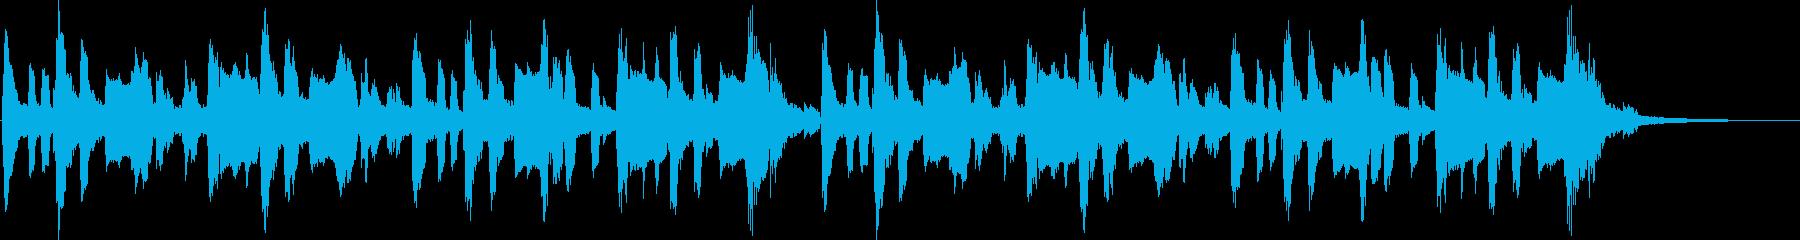 子供向けのワクワクするジングル(ロング)の再生済みの波形